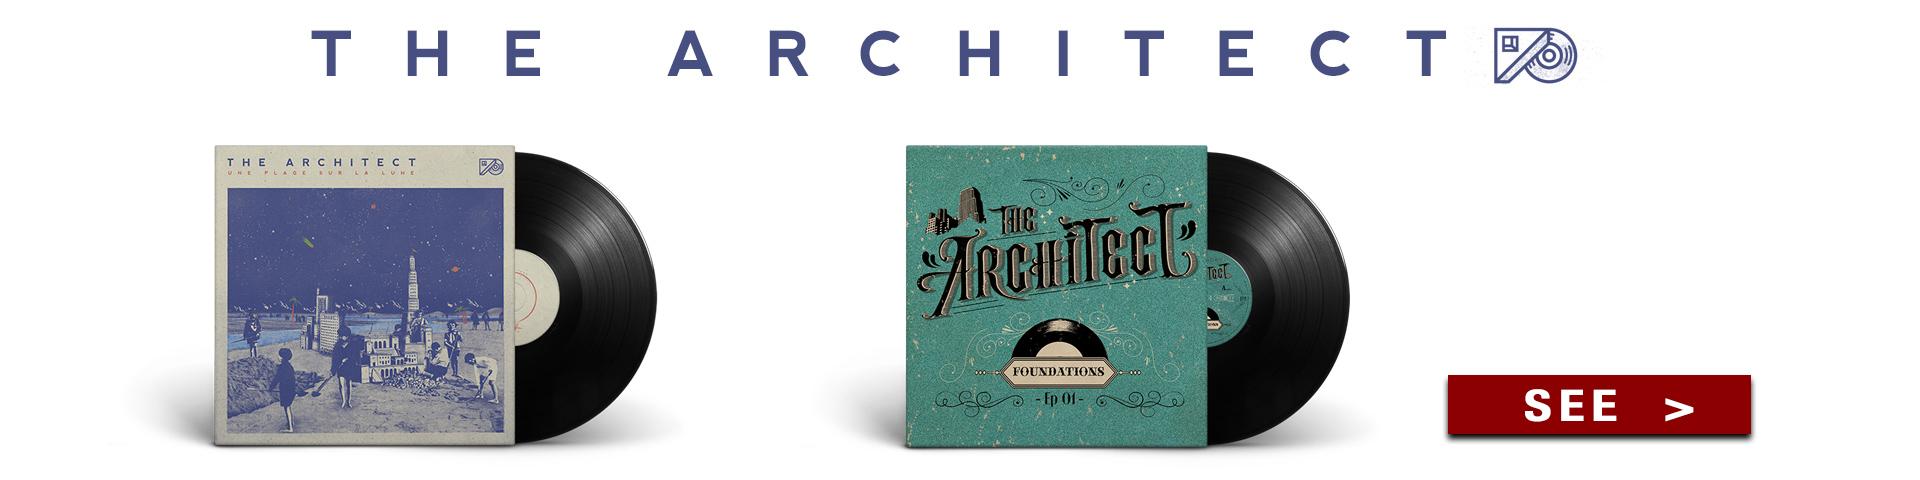 The-Architect-boutique-EN